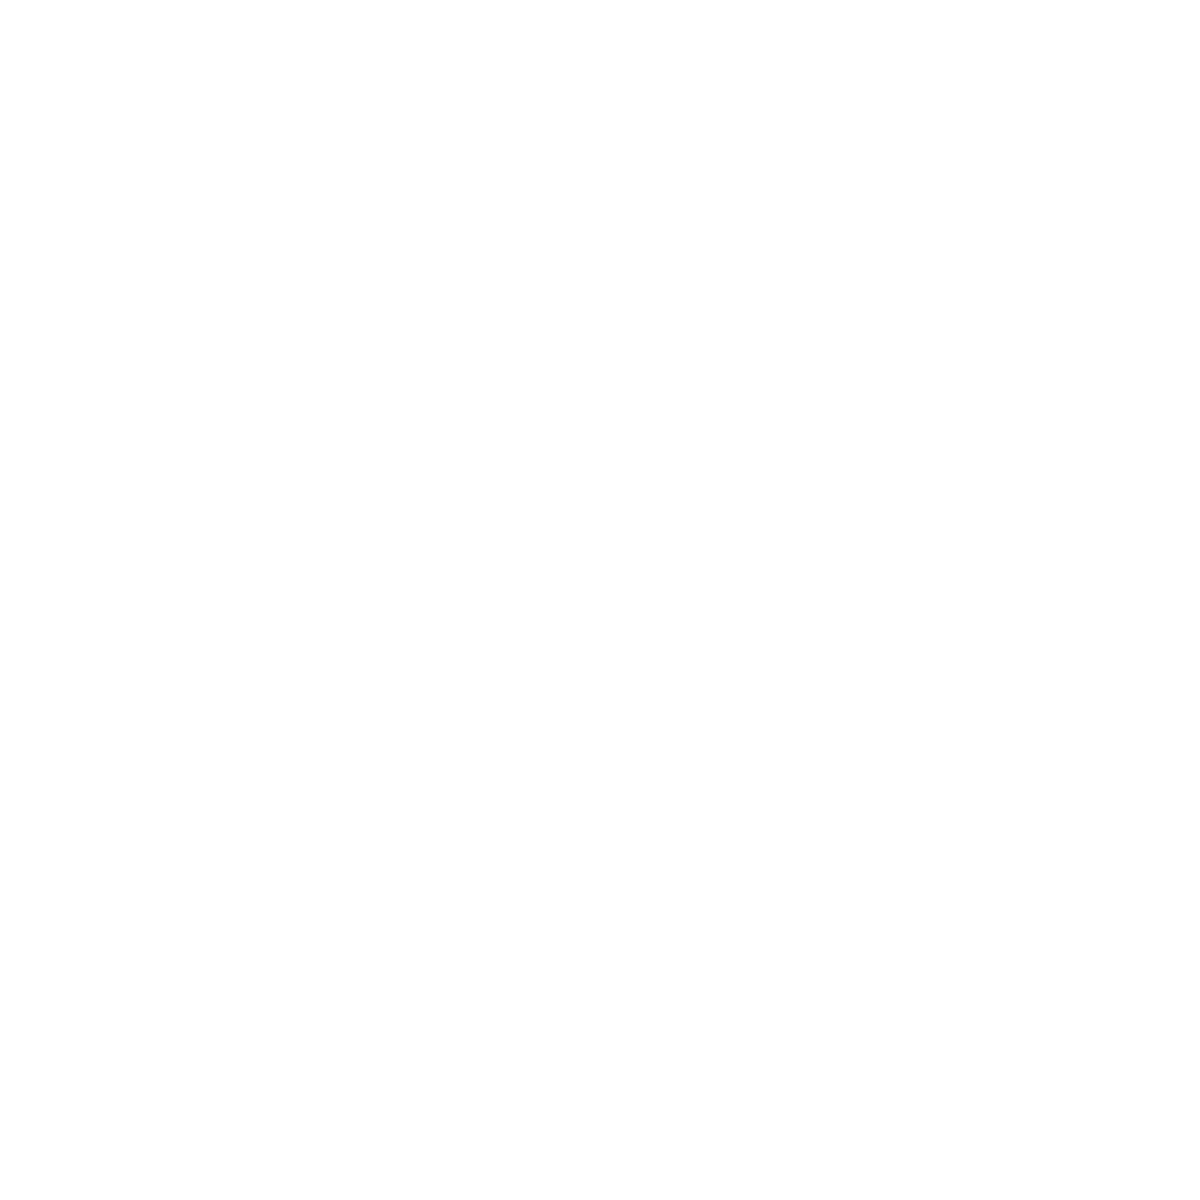 Profil podniesiony badoo co oznacza EUR